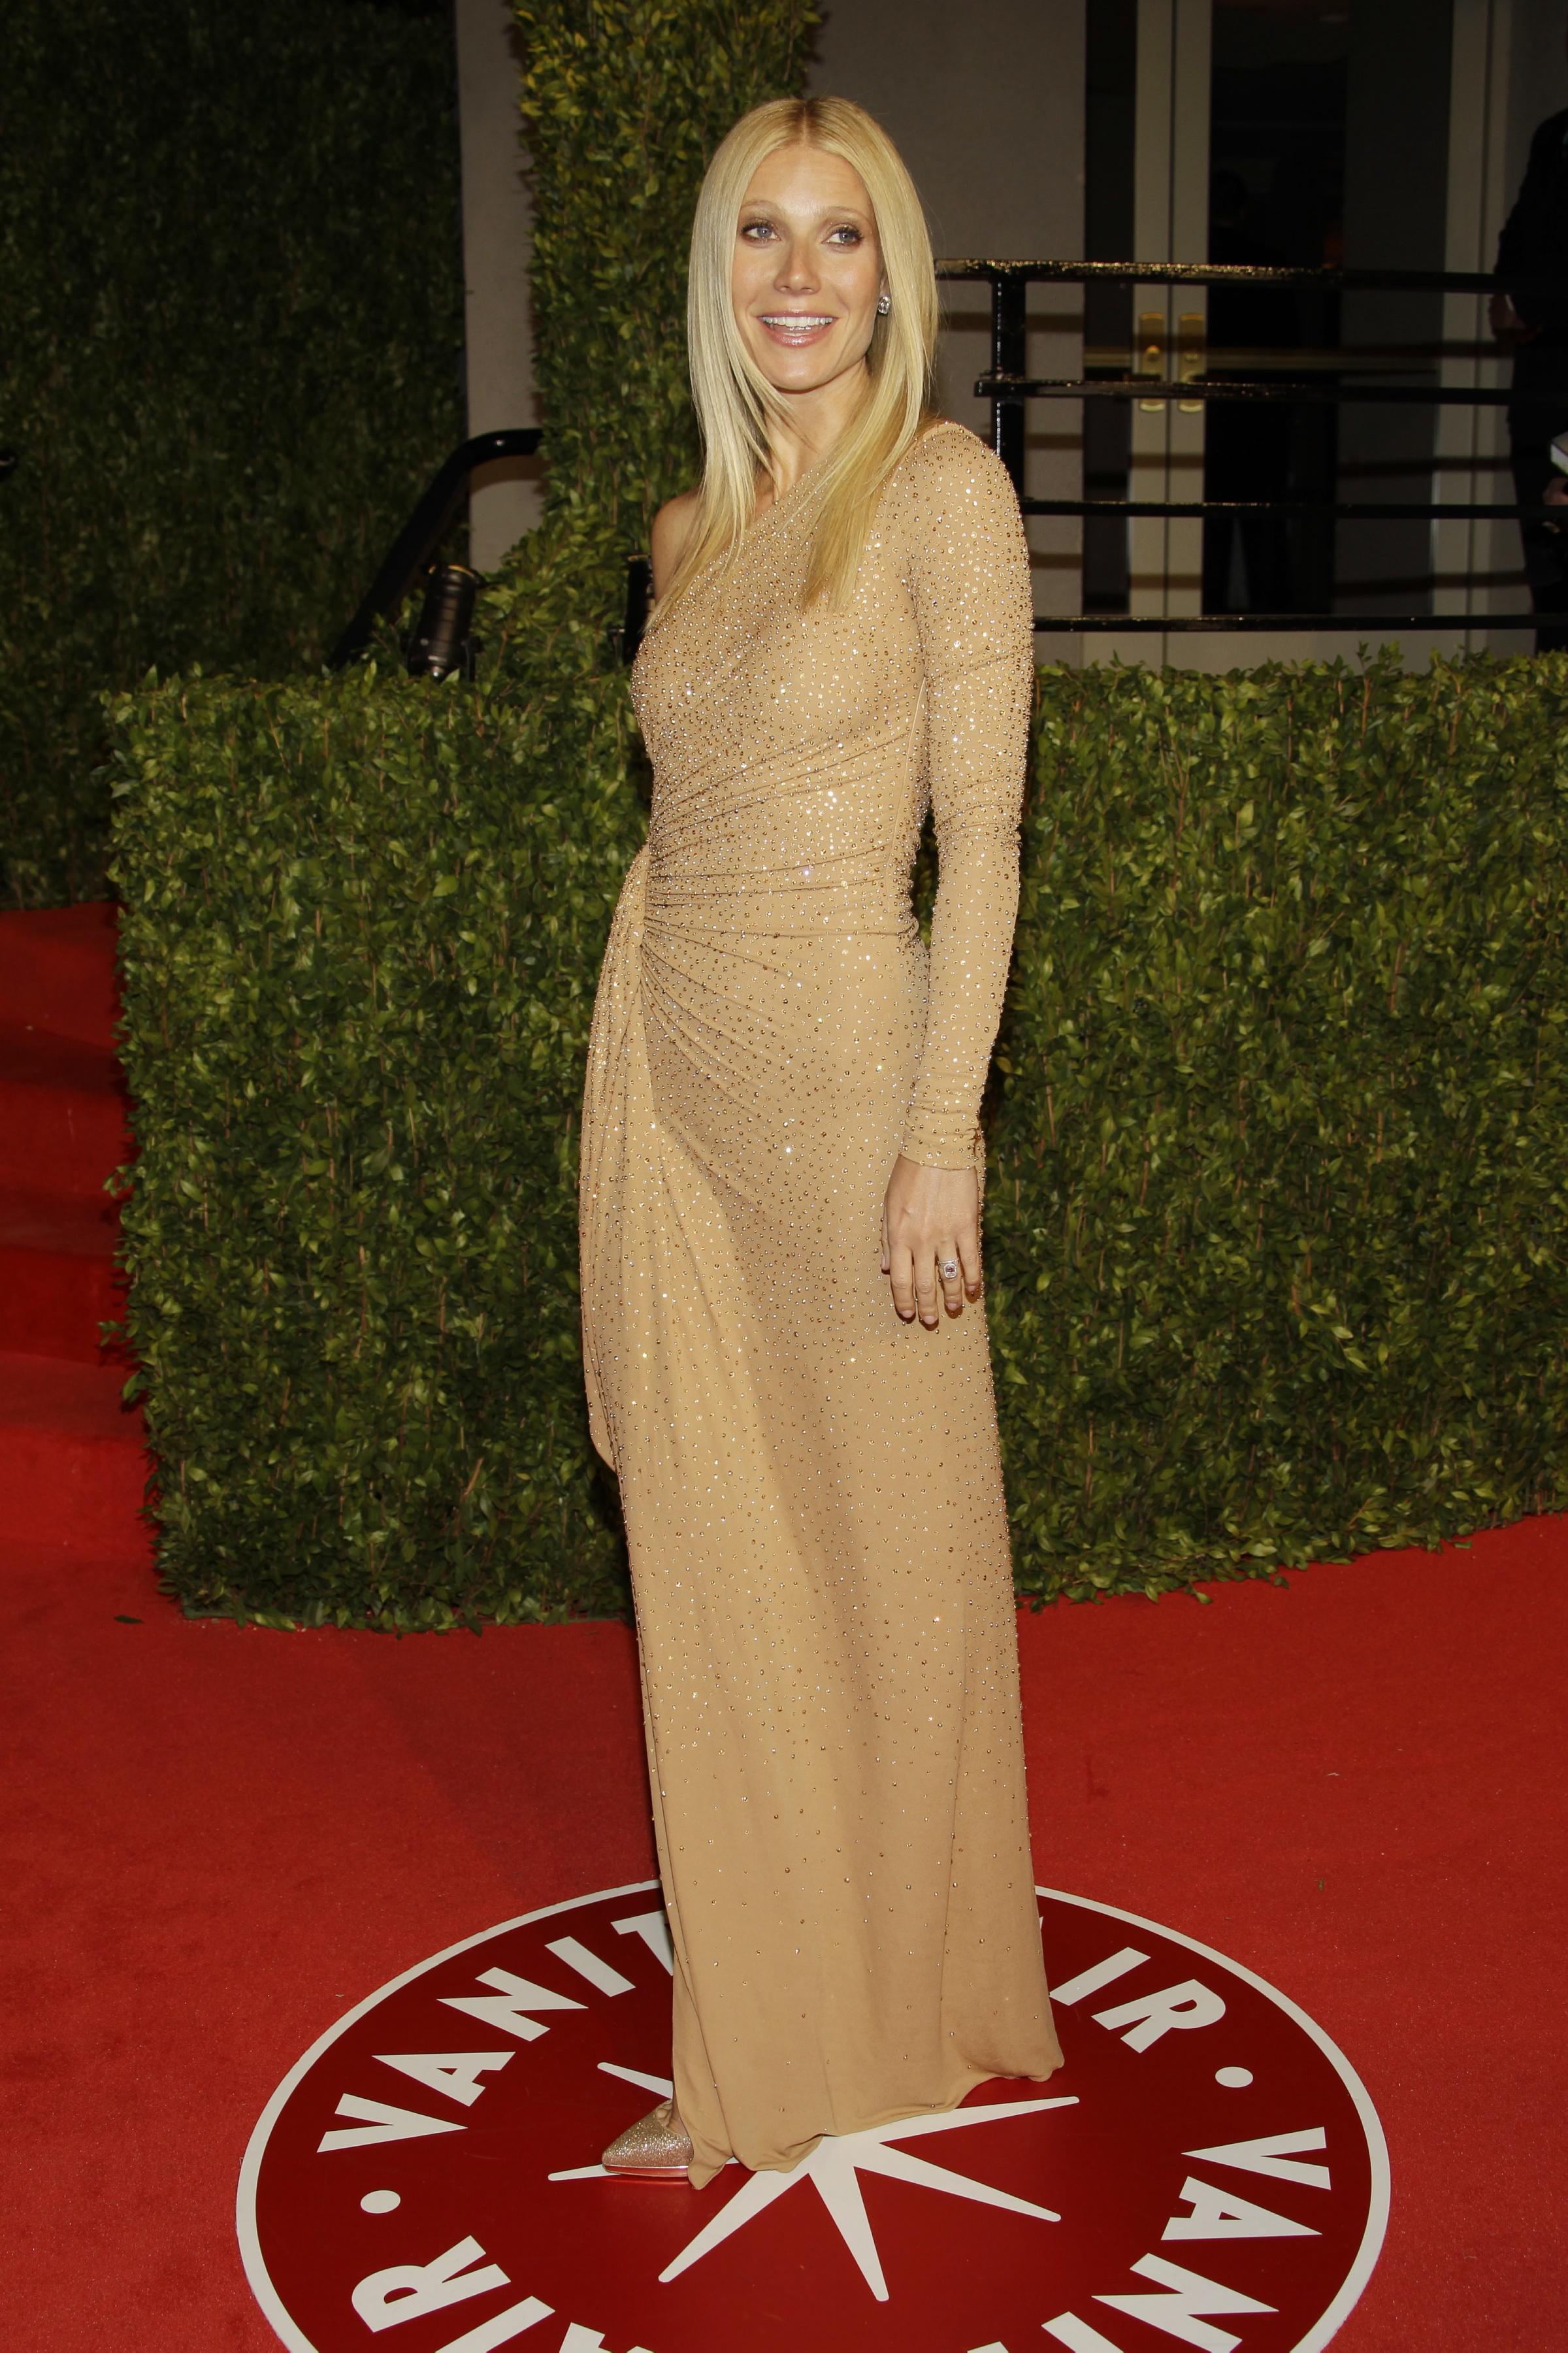 Gwyneth Paltrow vanity fair party dress